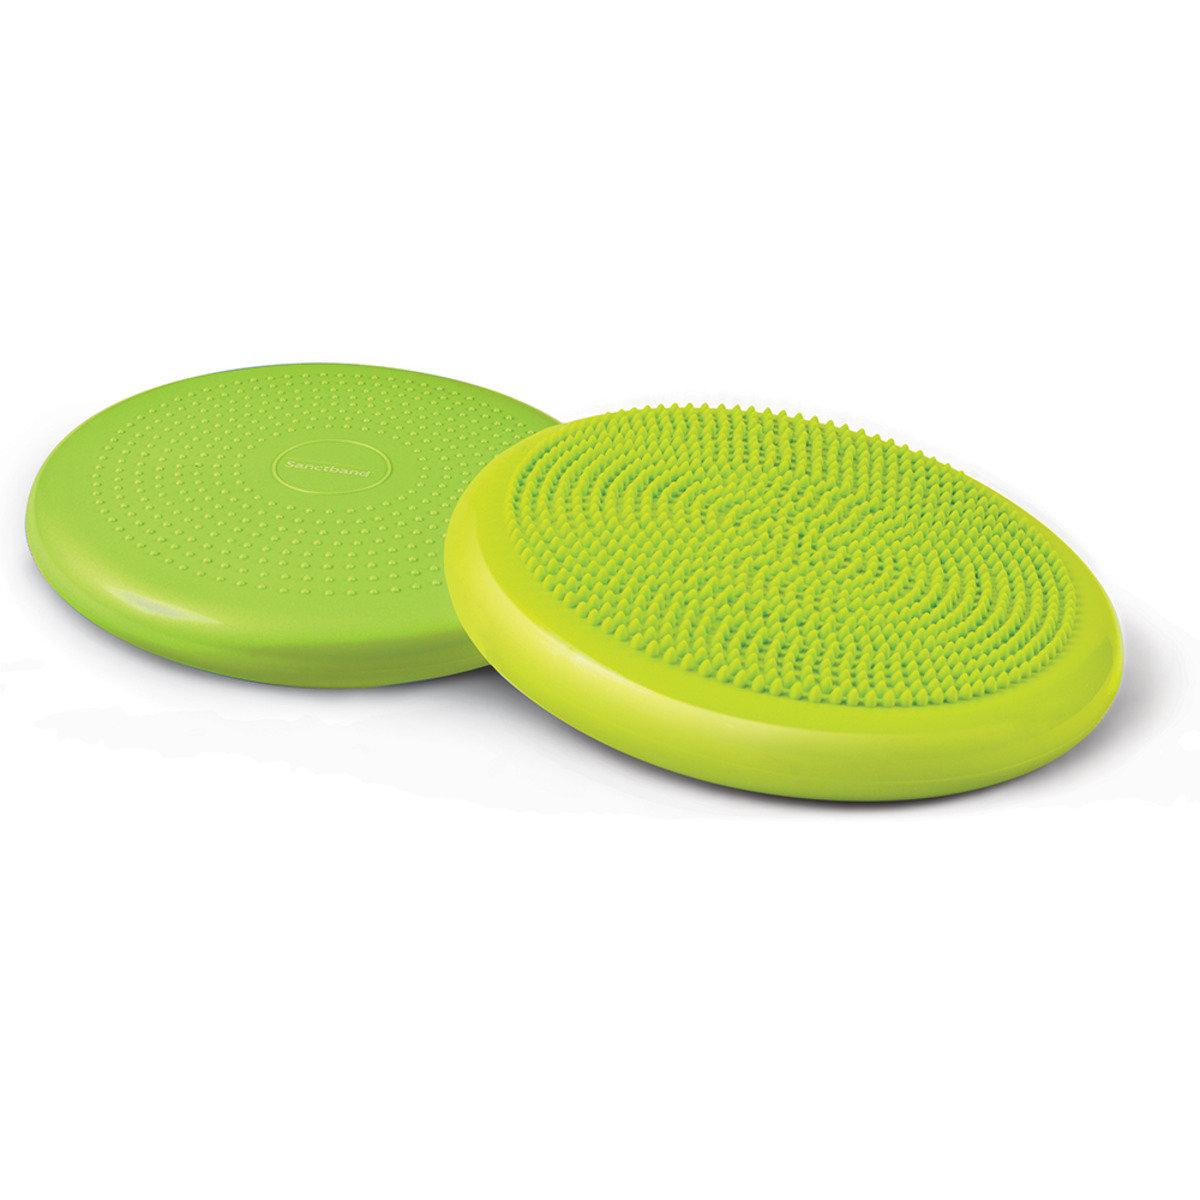 平衡墊 (綠色)